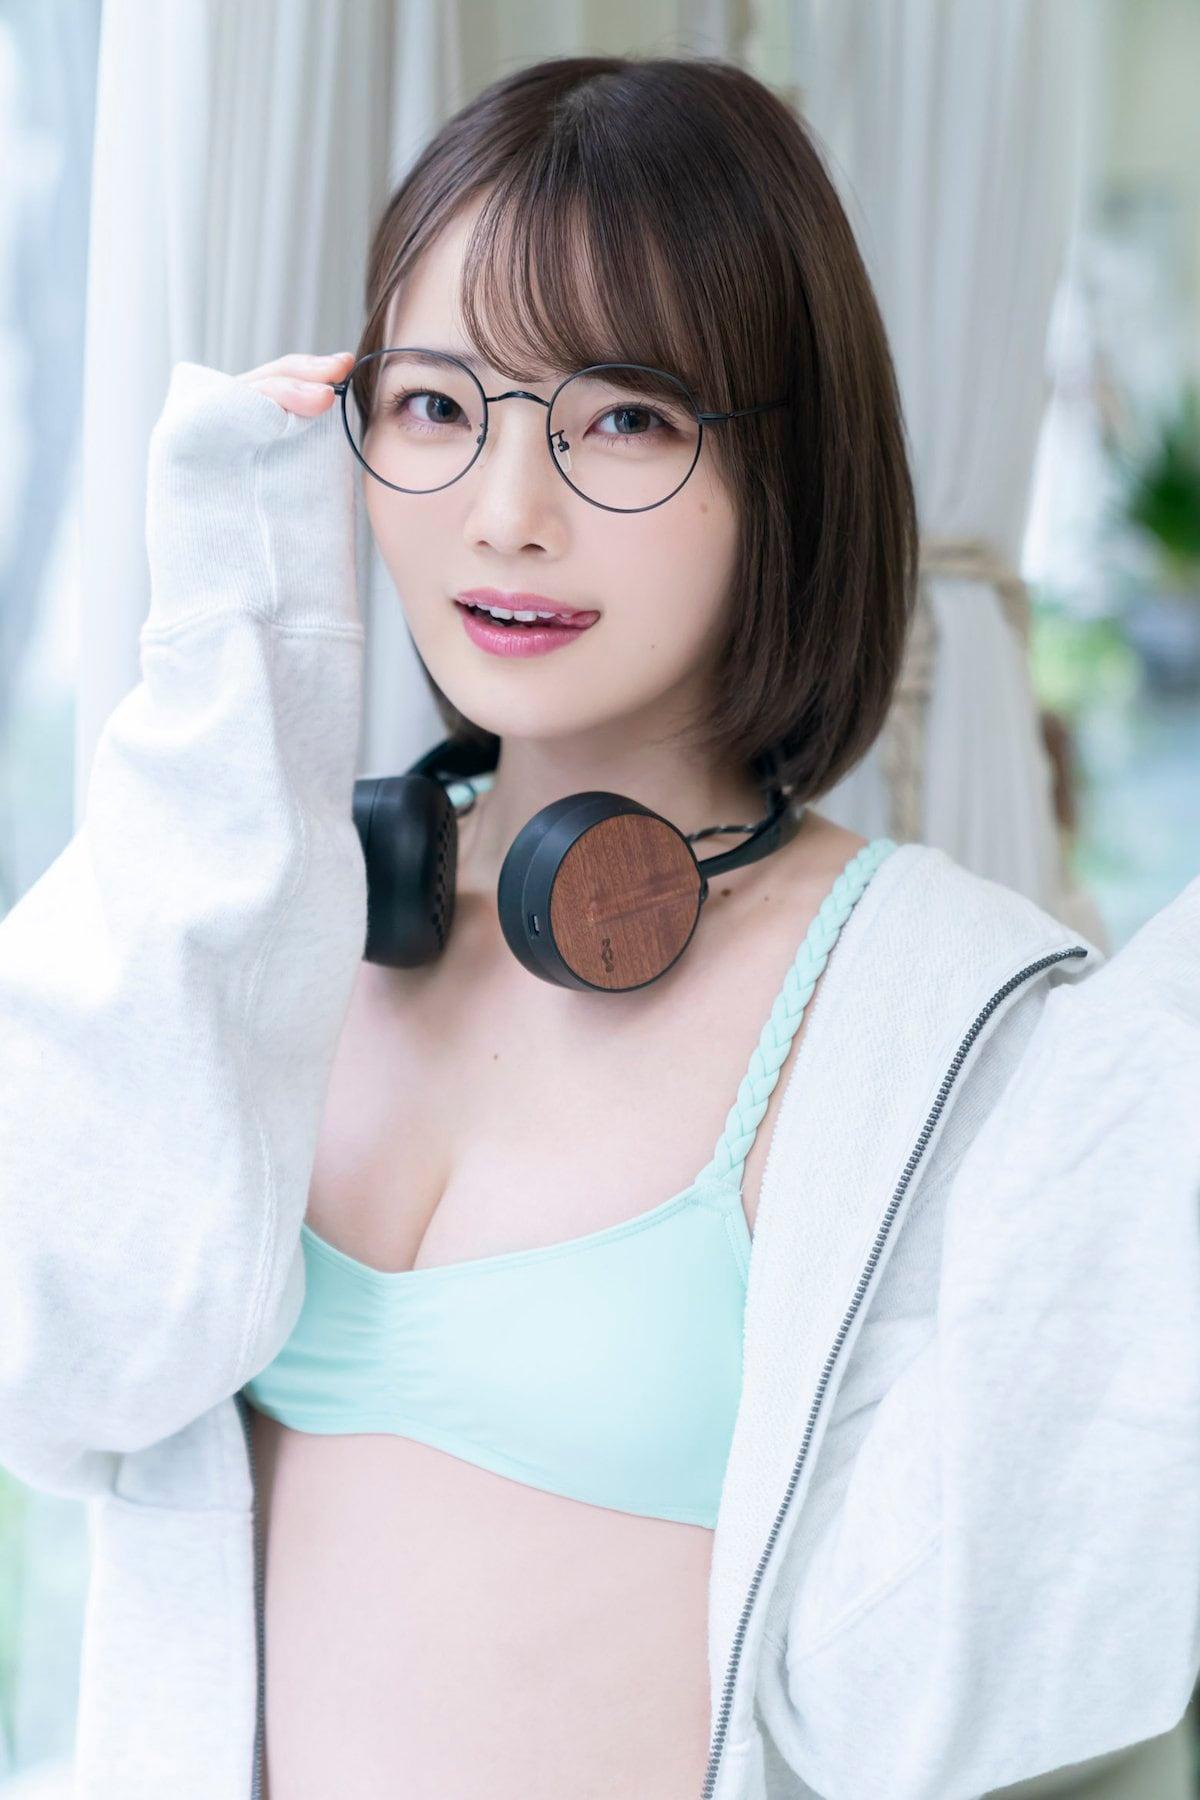 新谷姫加「透明感美少女」『ヤングアニマル』のアザーカット大公開!【画像6枚】の画像001